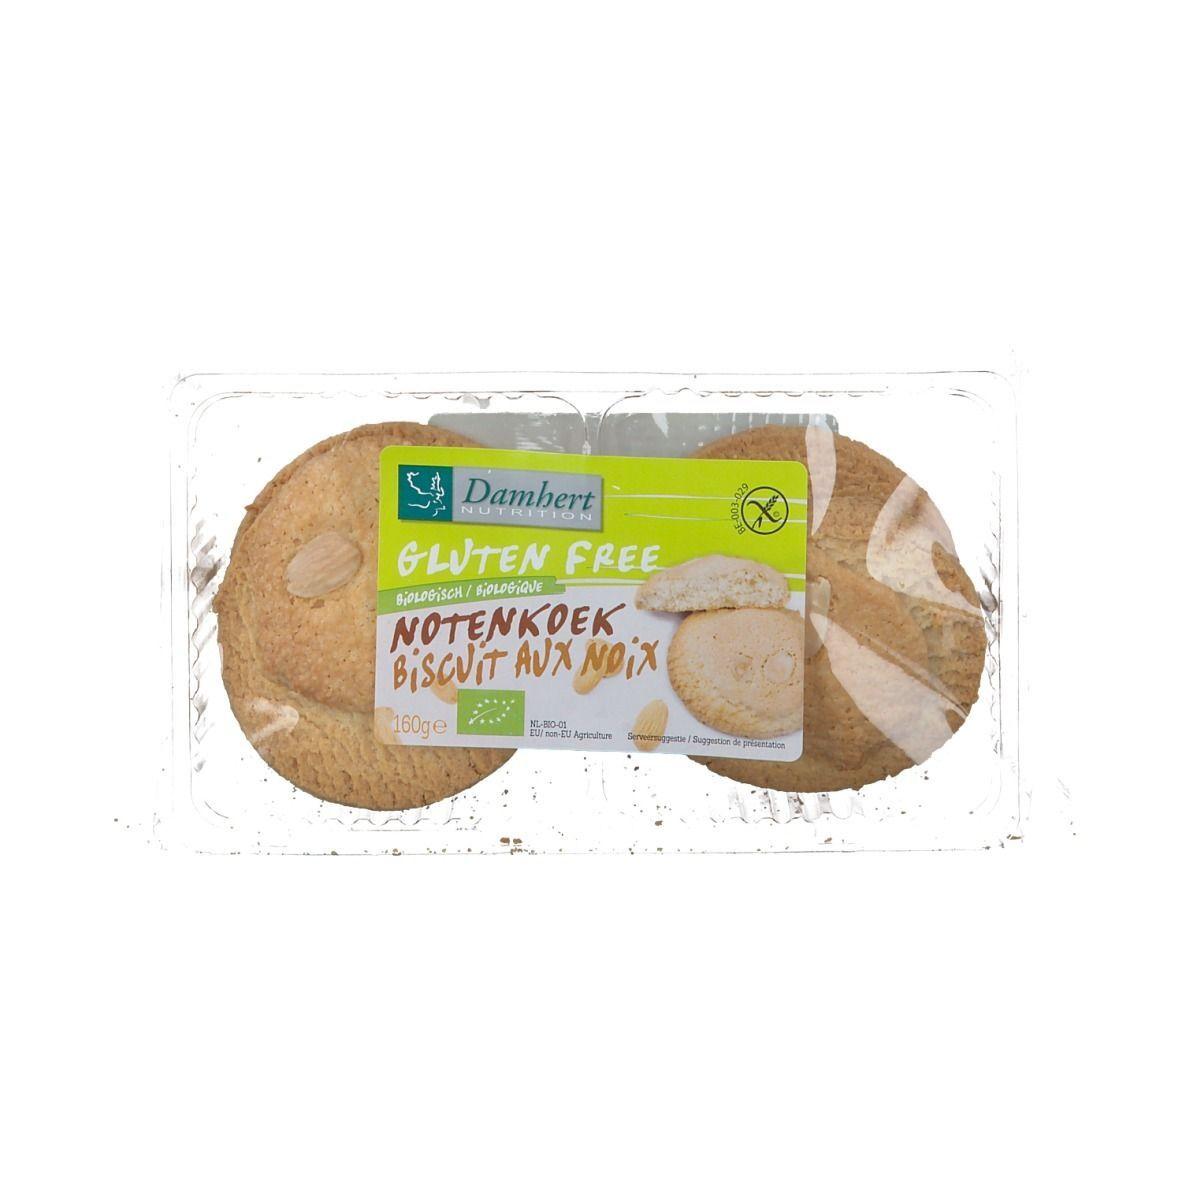 Damhert Biscuits Aux Noix Sans Gluten g biscuit(s)